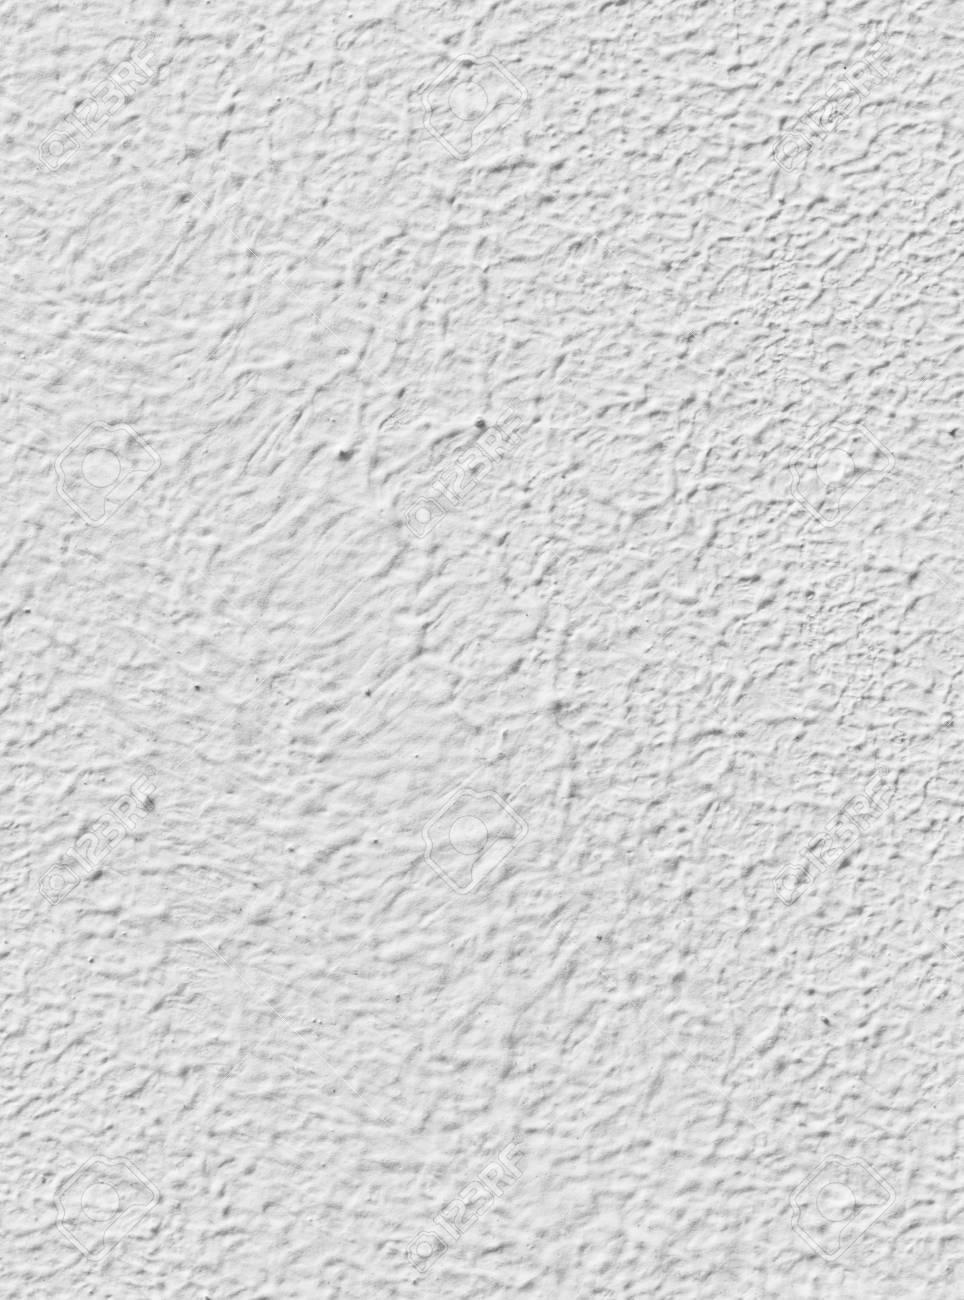 Textura De Pared Blanca Papel Para Su Diseño Fotos Retratos